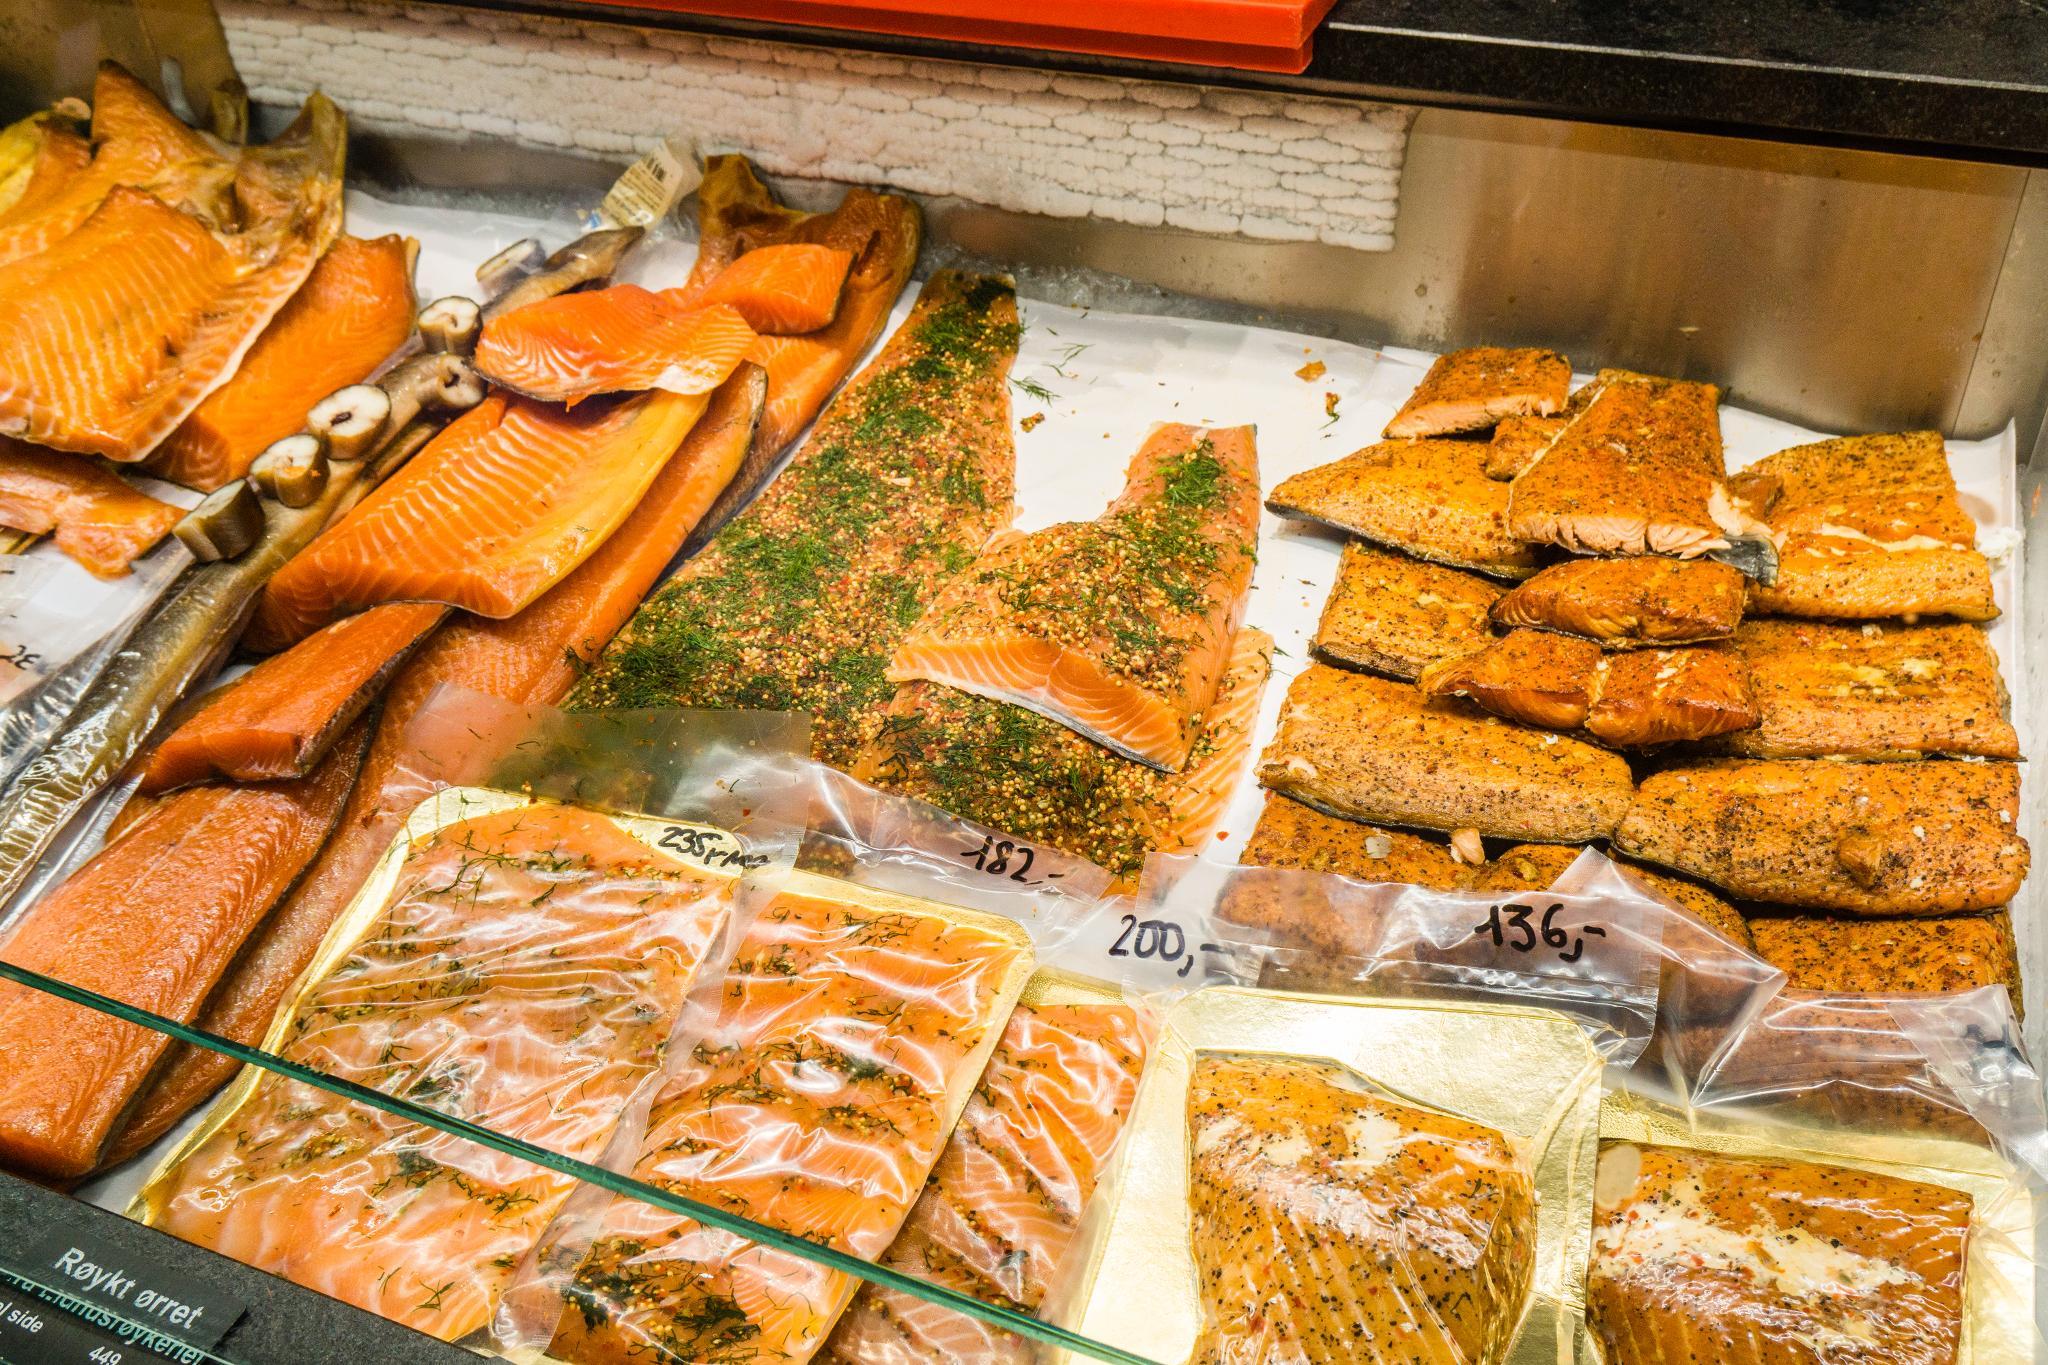 【卑爾根】海鮮吃貨~前進價格不菲的卑爾根魚市場 Fisketorget 52